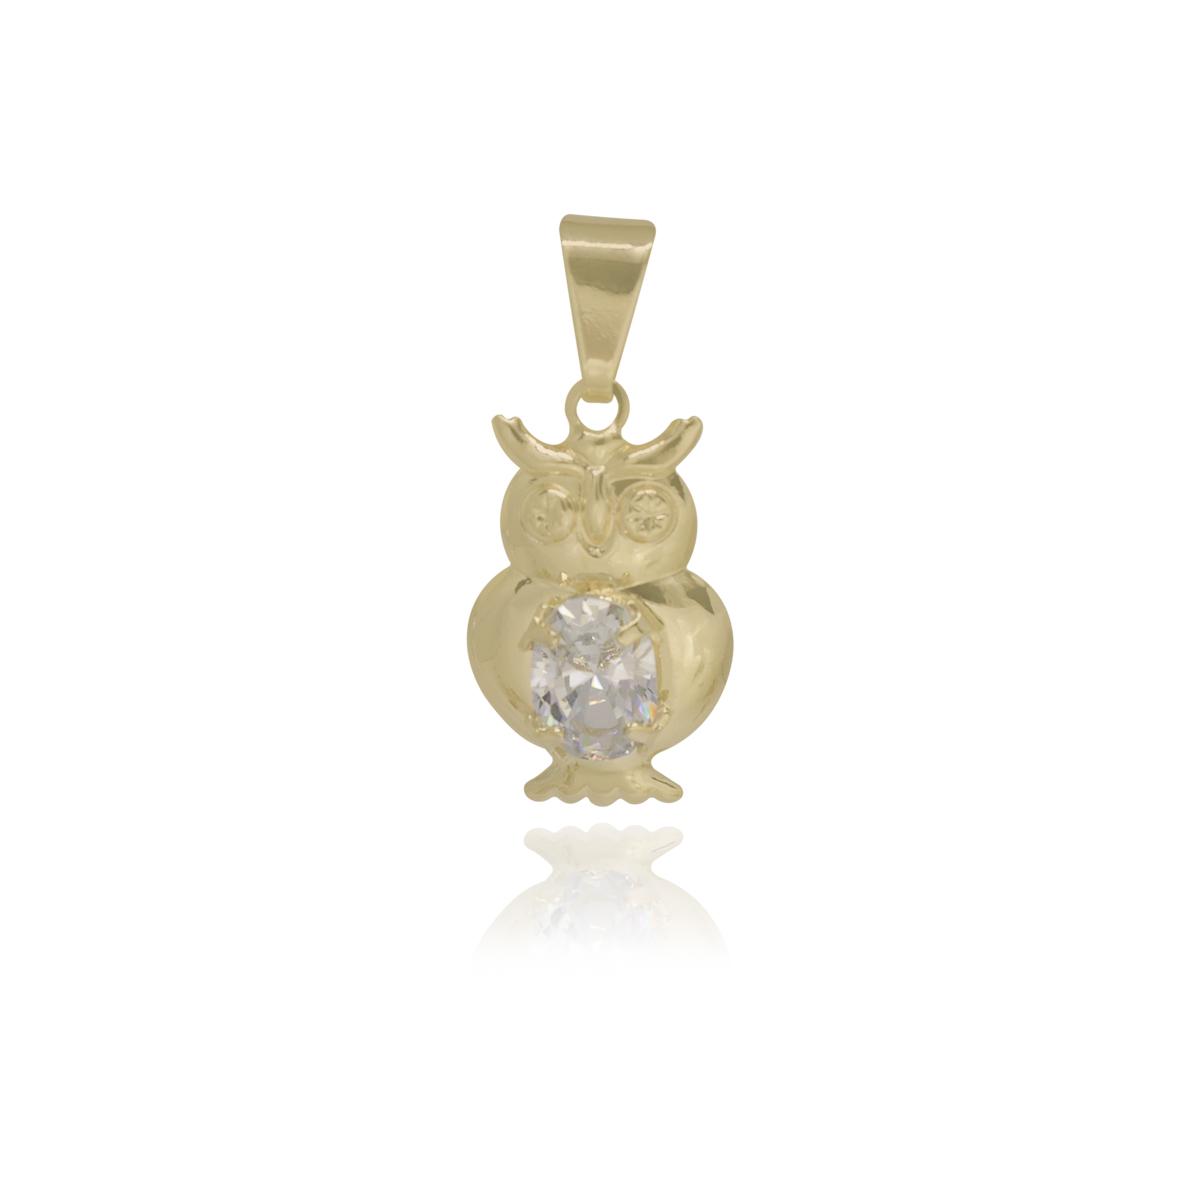 Pingente Coruja com zircônia folheado a ouro 18k ou ródio